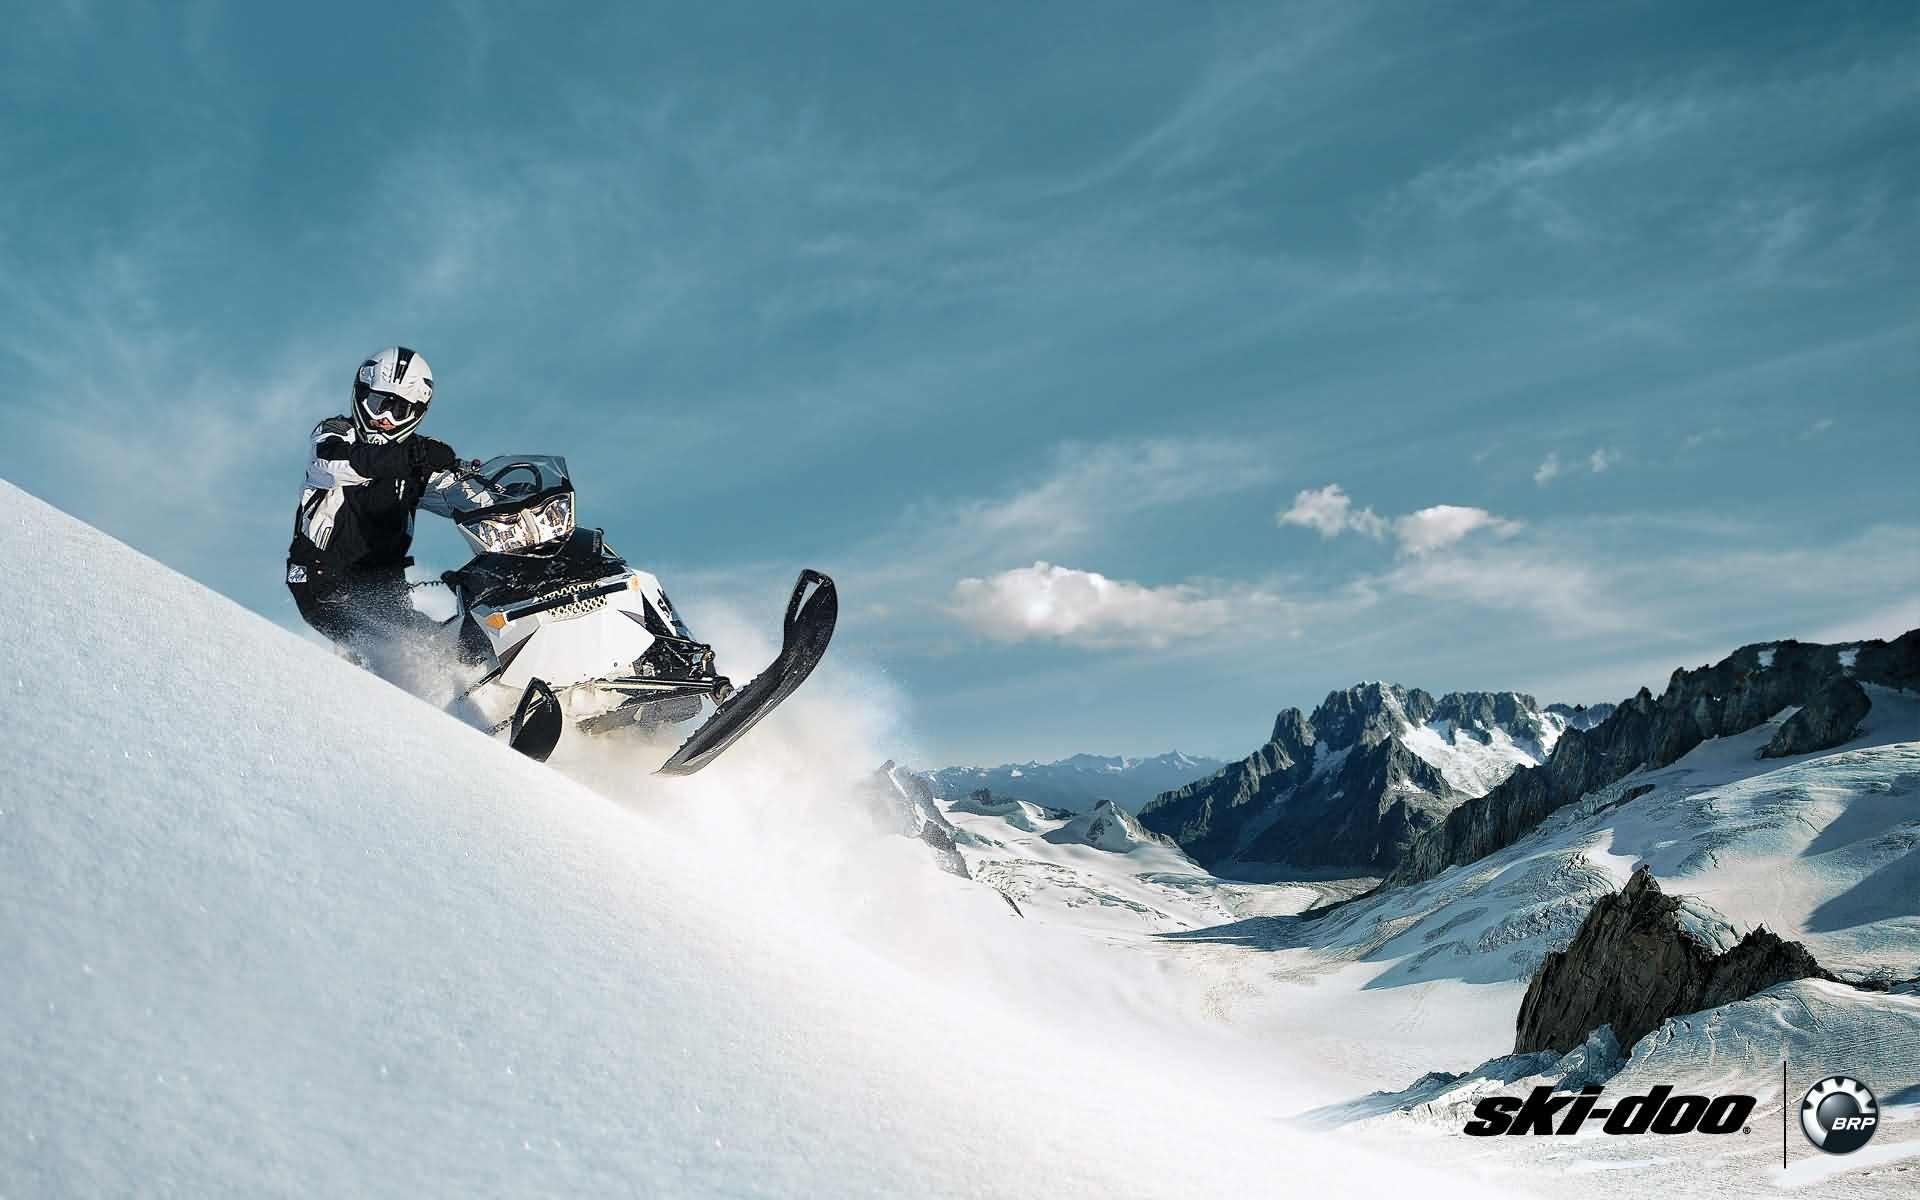 SKI-DOO snowmobile sled ski doo winter snow extreme wallpaper | |  648405 | WallpaperUP